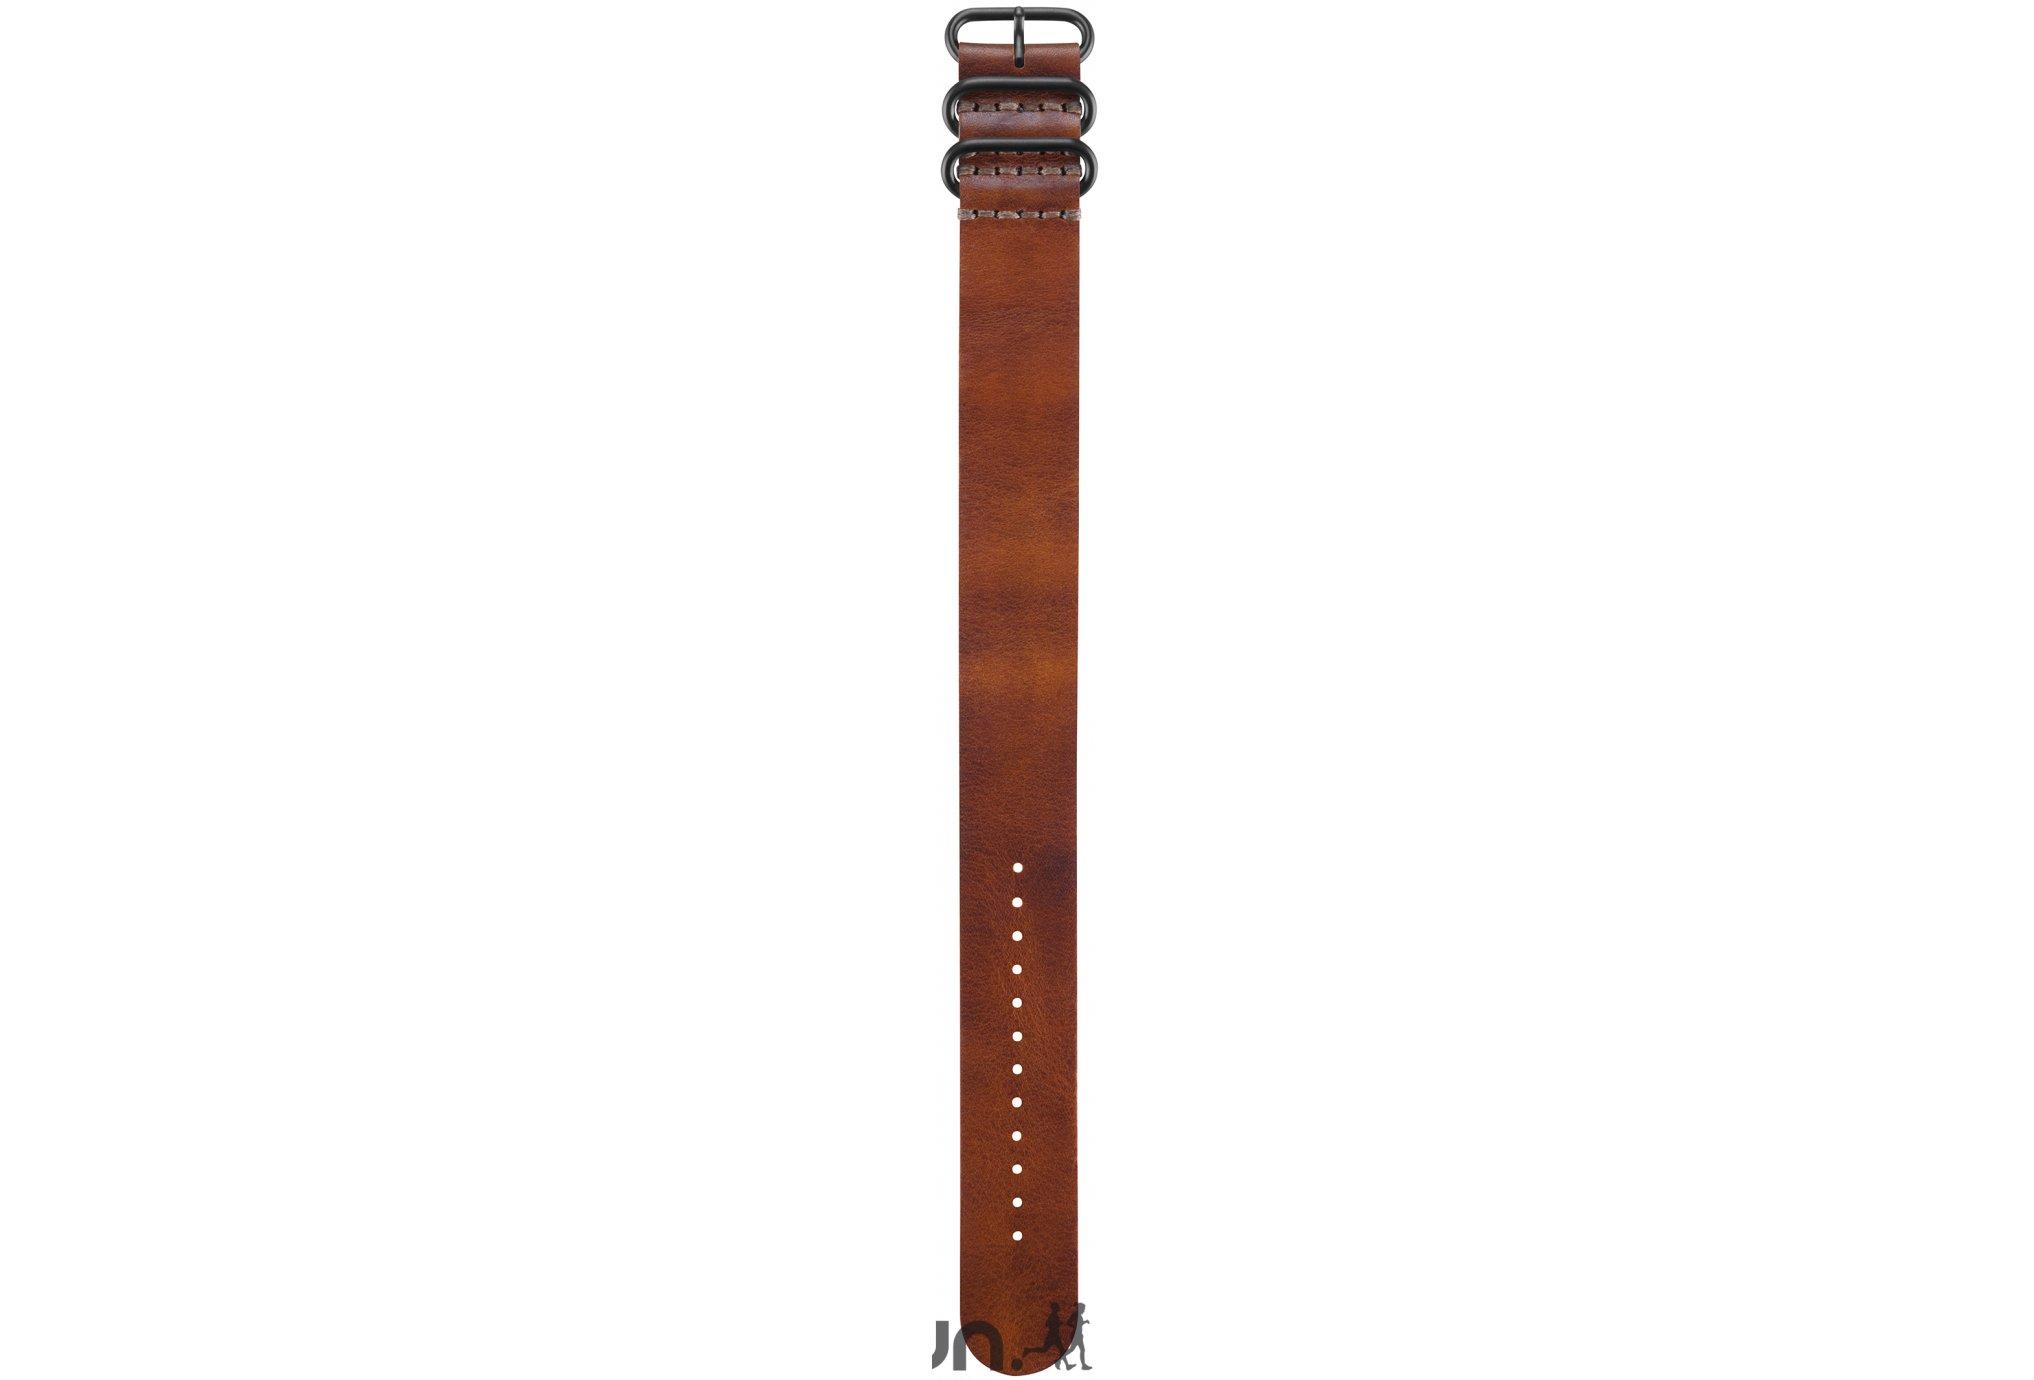 Garmin Bracelet de montre en cuir brun pour fenix 3 accessoires montres/ bracelets